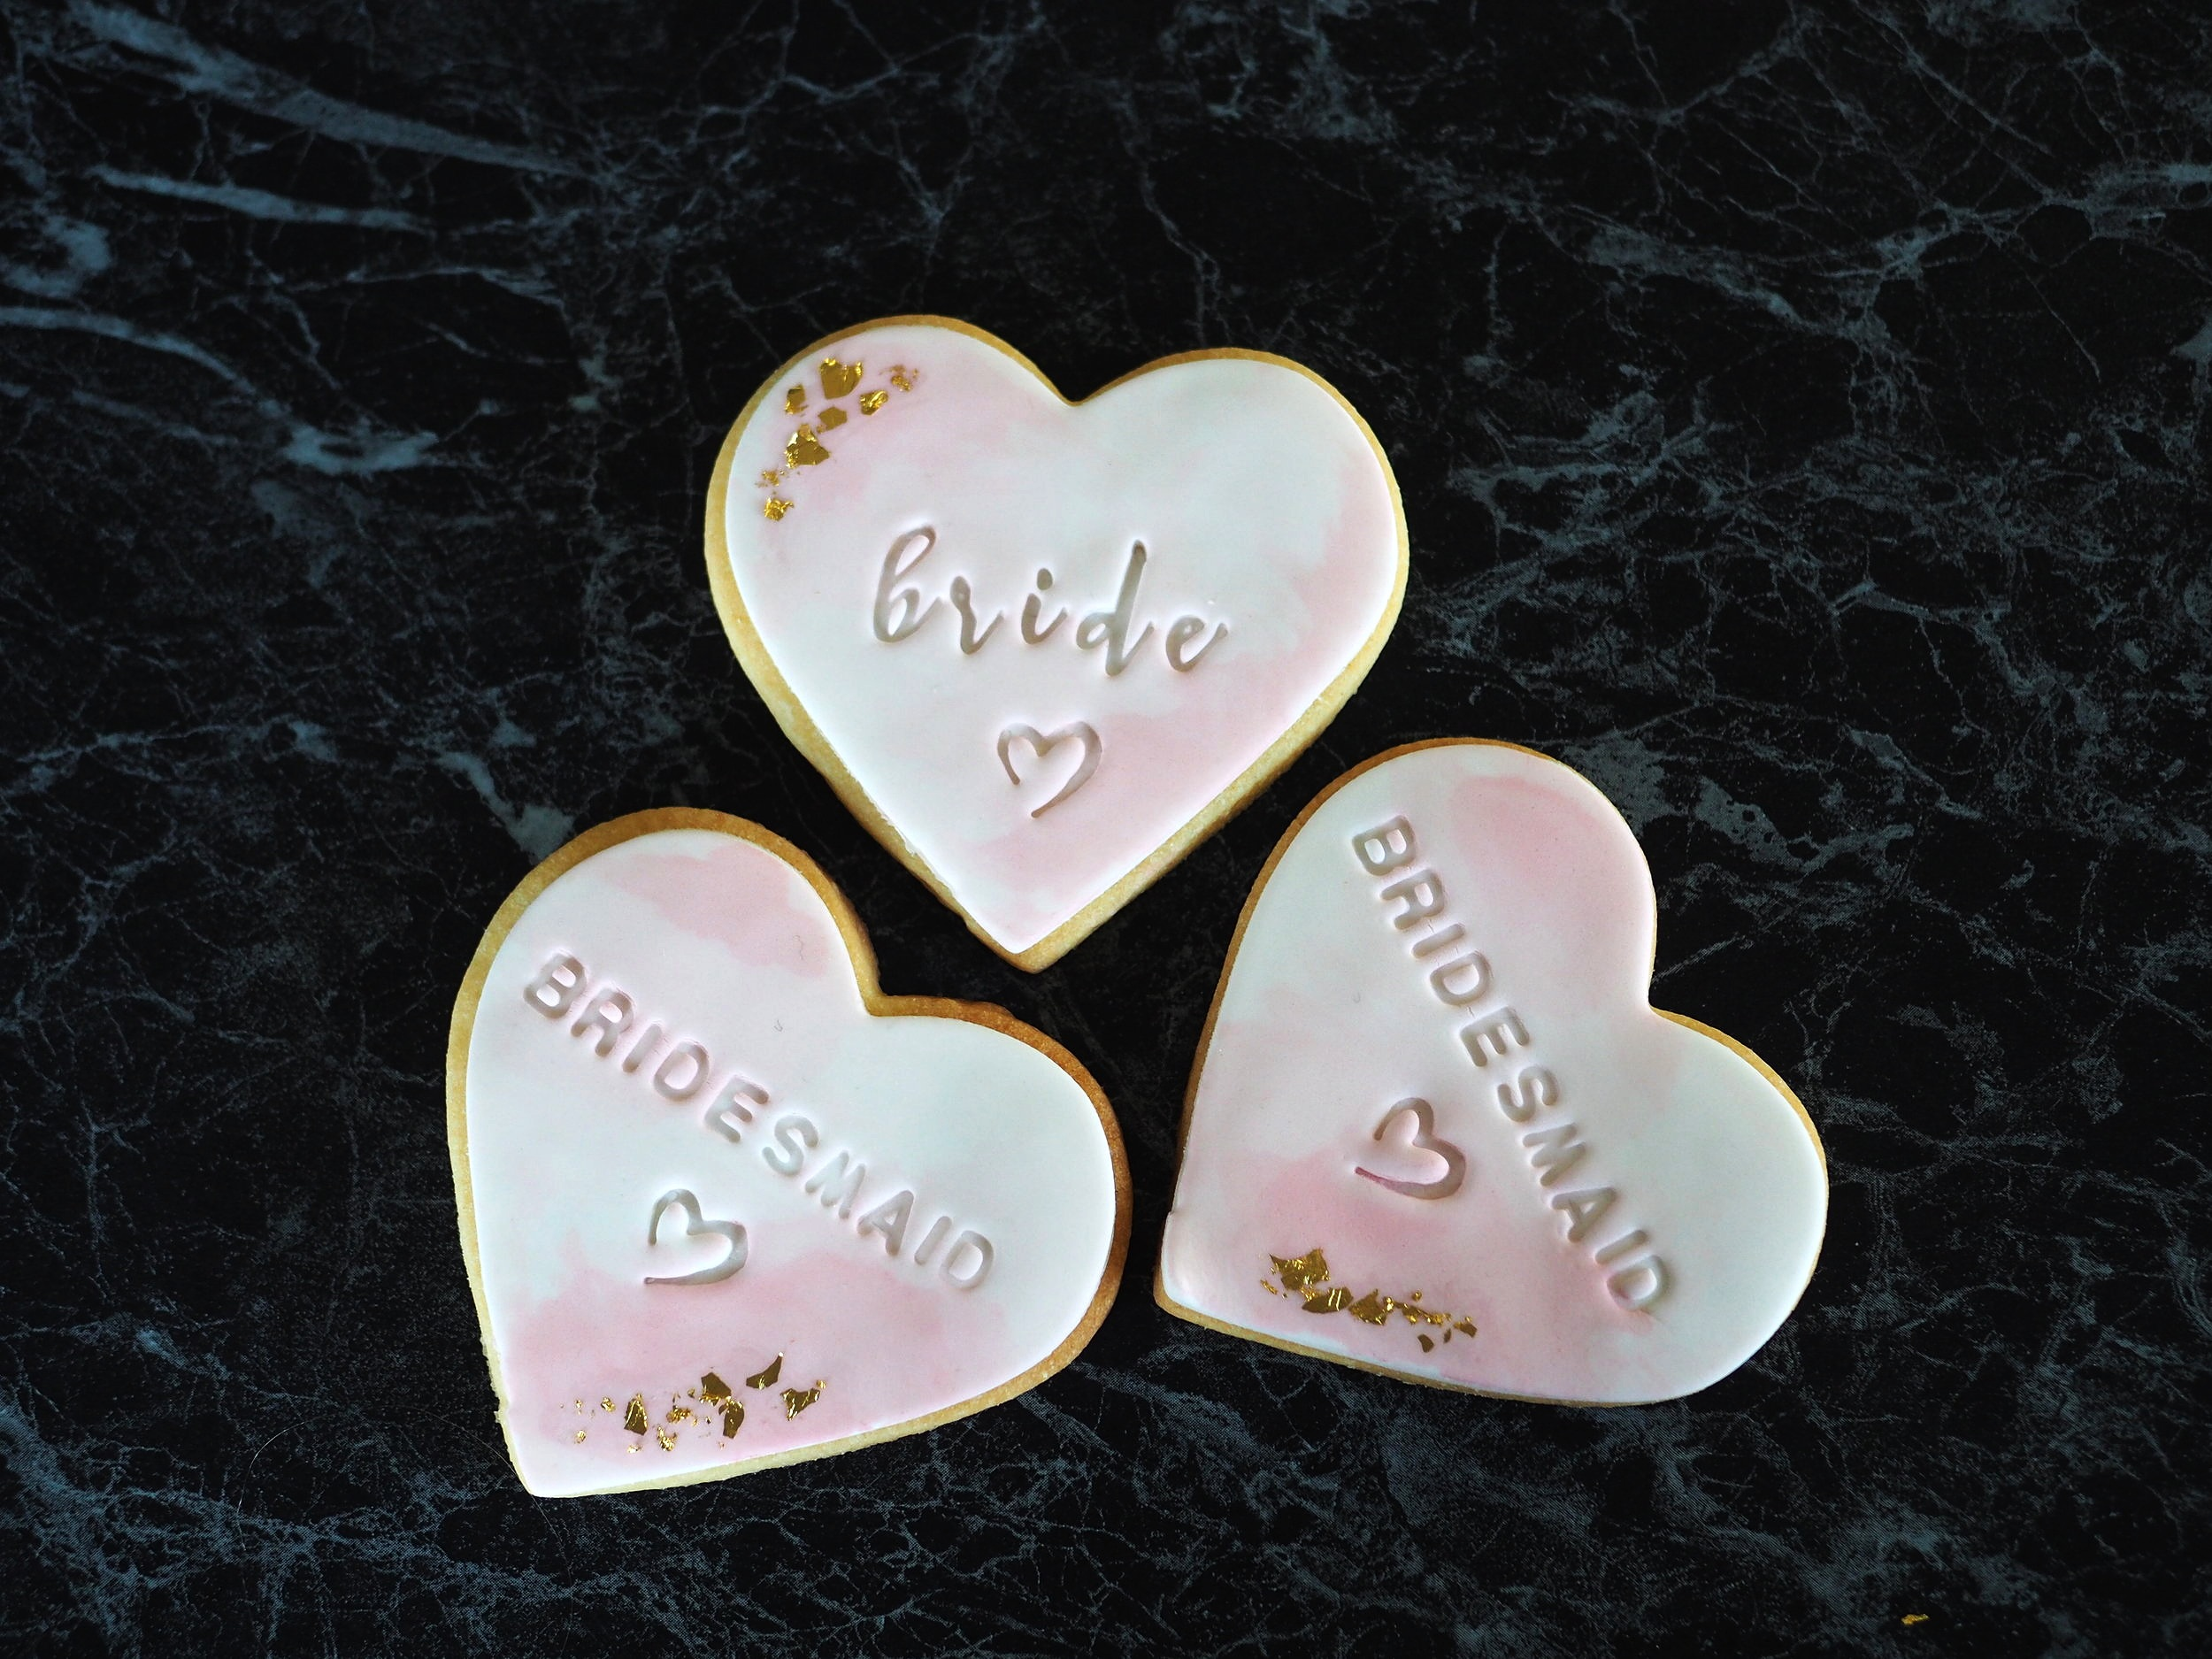 2019-04-04 cookies 004.JPG